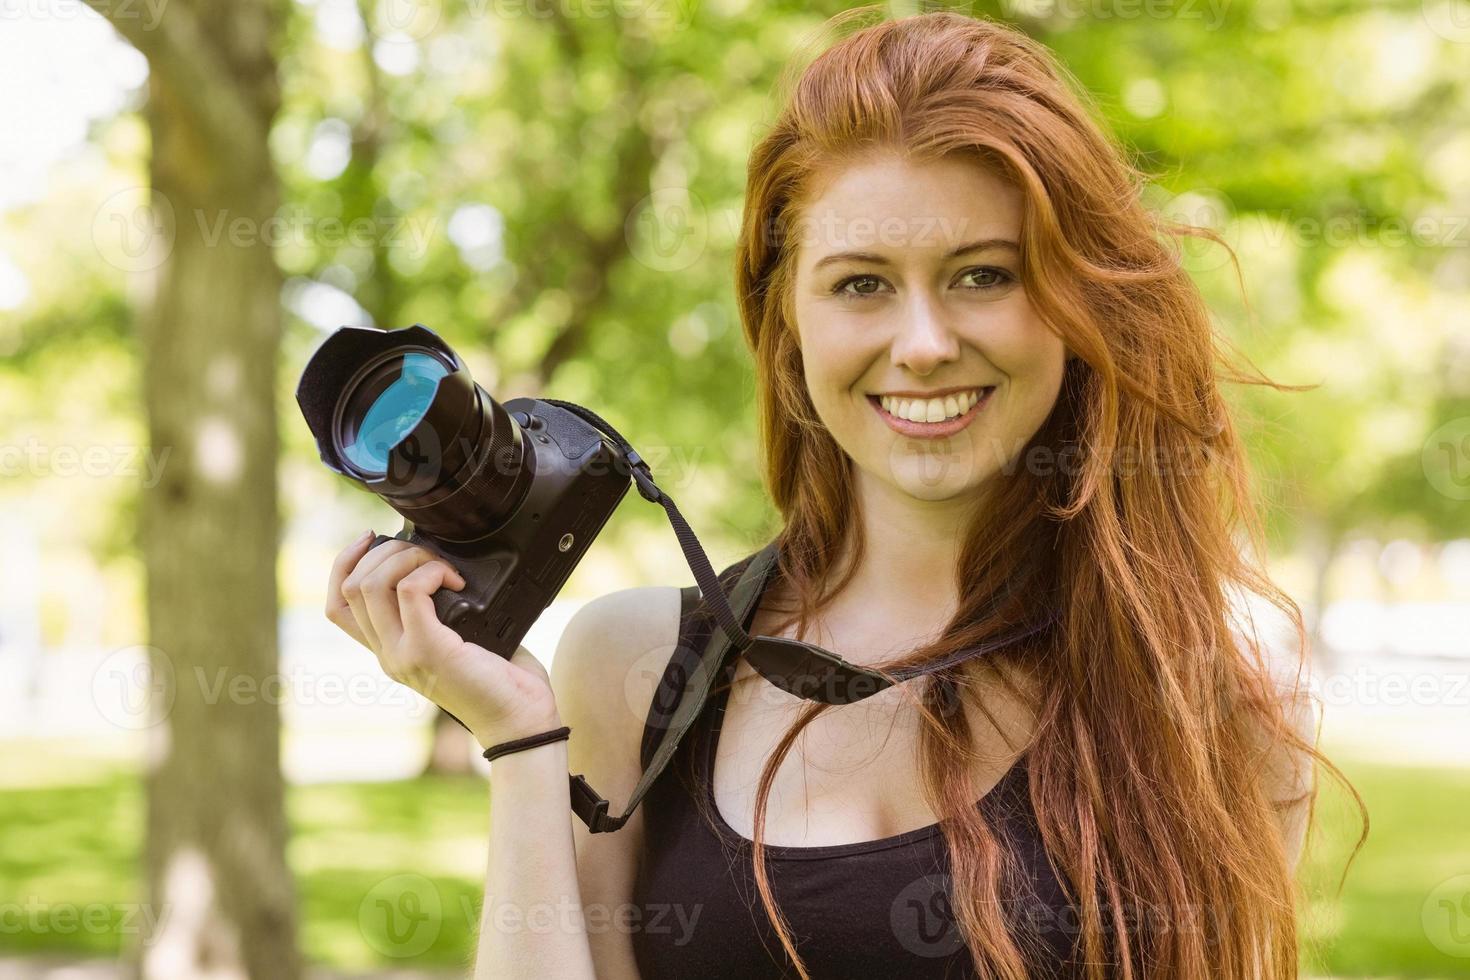 lindo fotógrafo feminino no parque foto